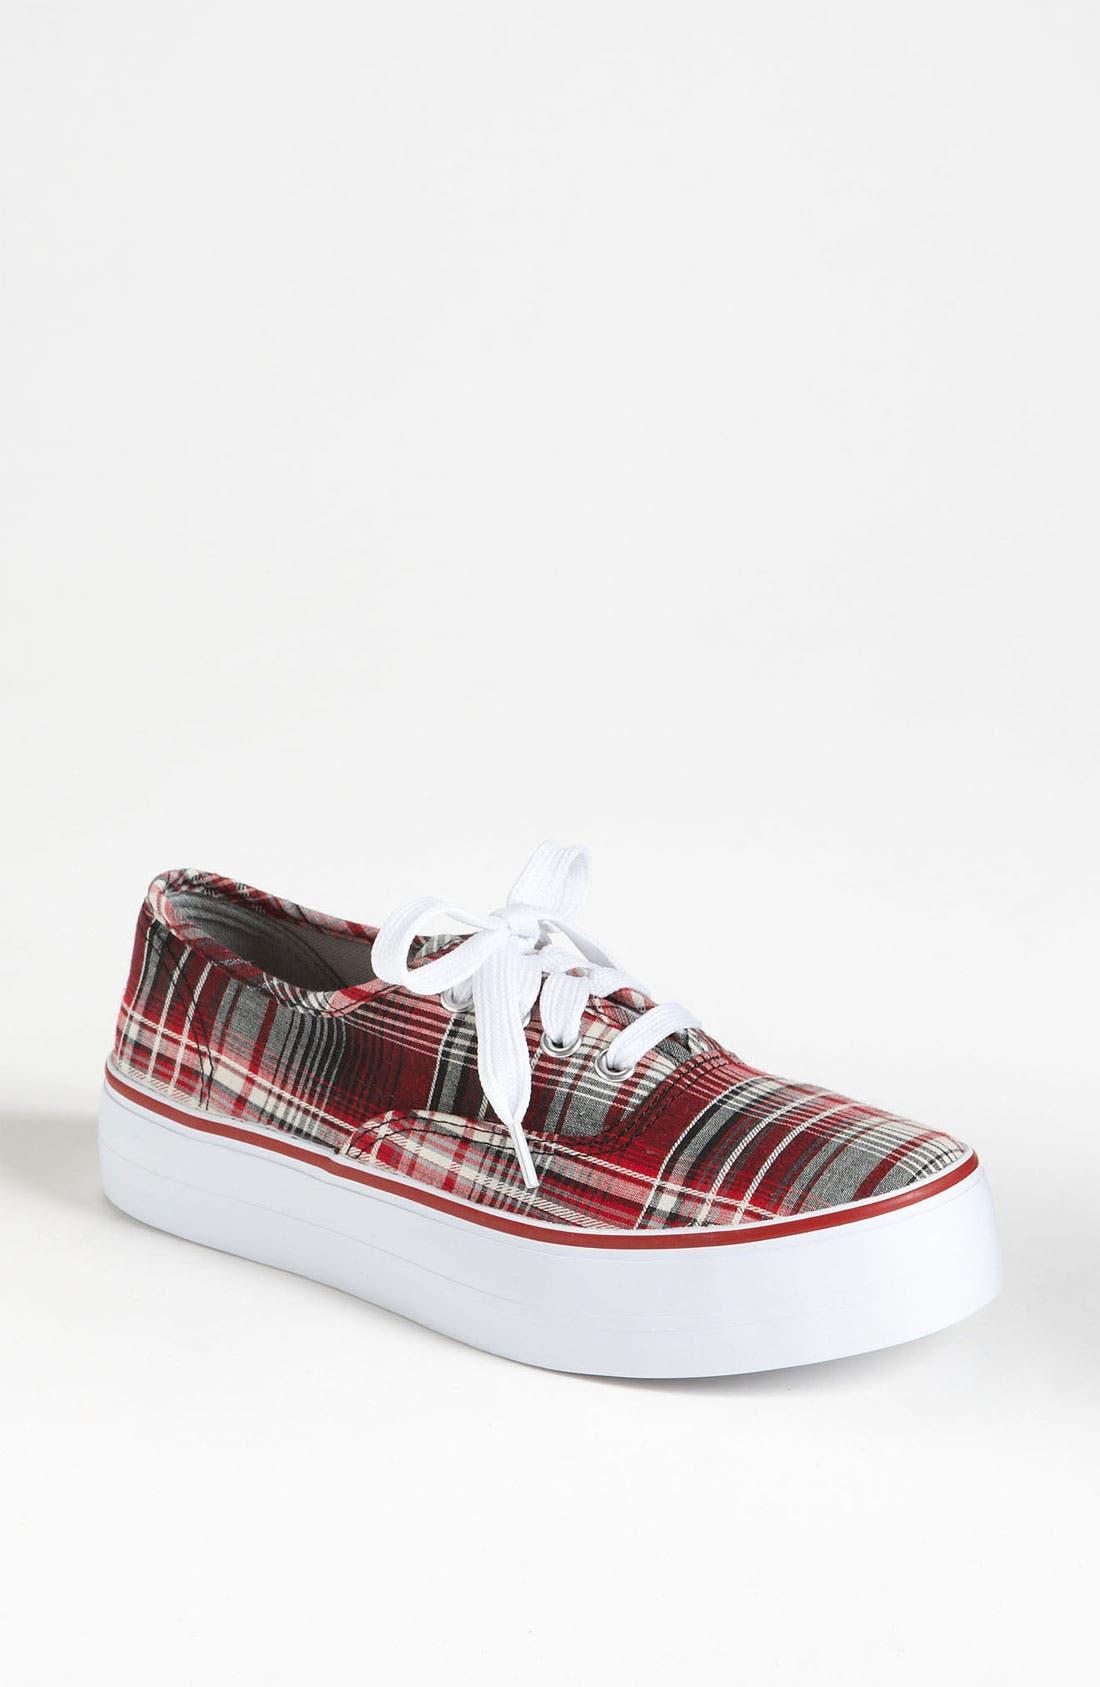 Alternate Image 1 Selected - BC Footwear 'Double Down' Platform Sneaker